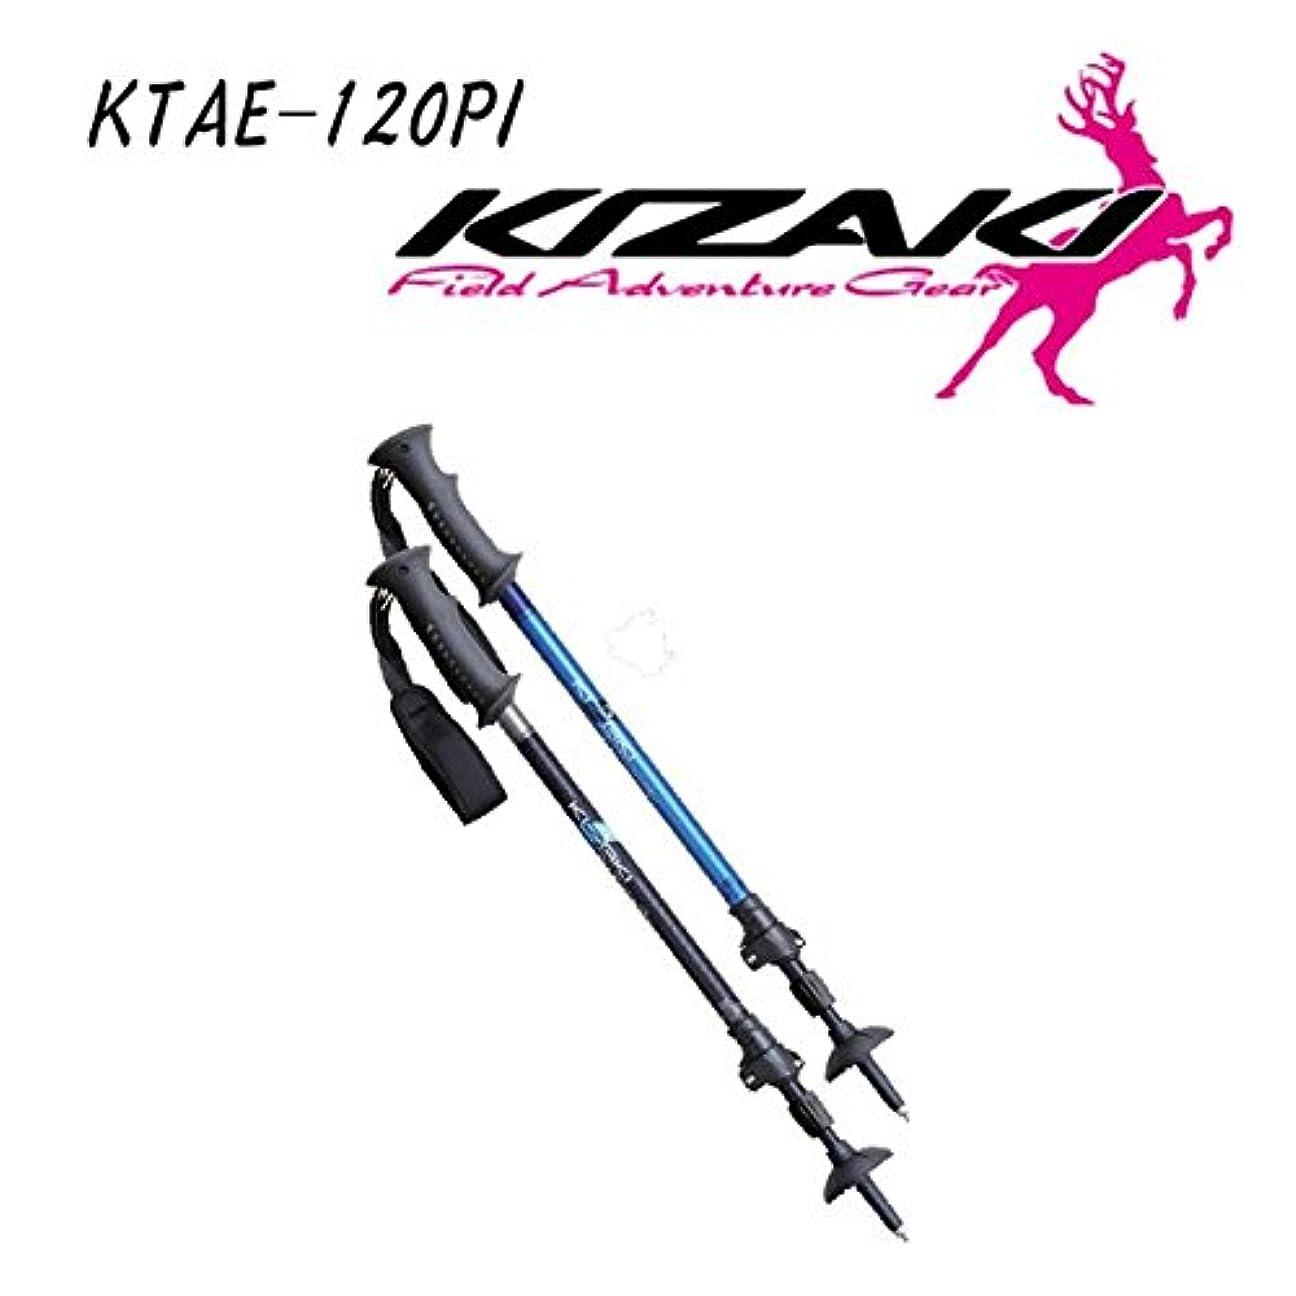 タンパク質まばたきアスペクト[キザキ] トレッキングポール ペチカ メンズ I型 ブラック 120cm KTAE-120PI